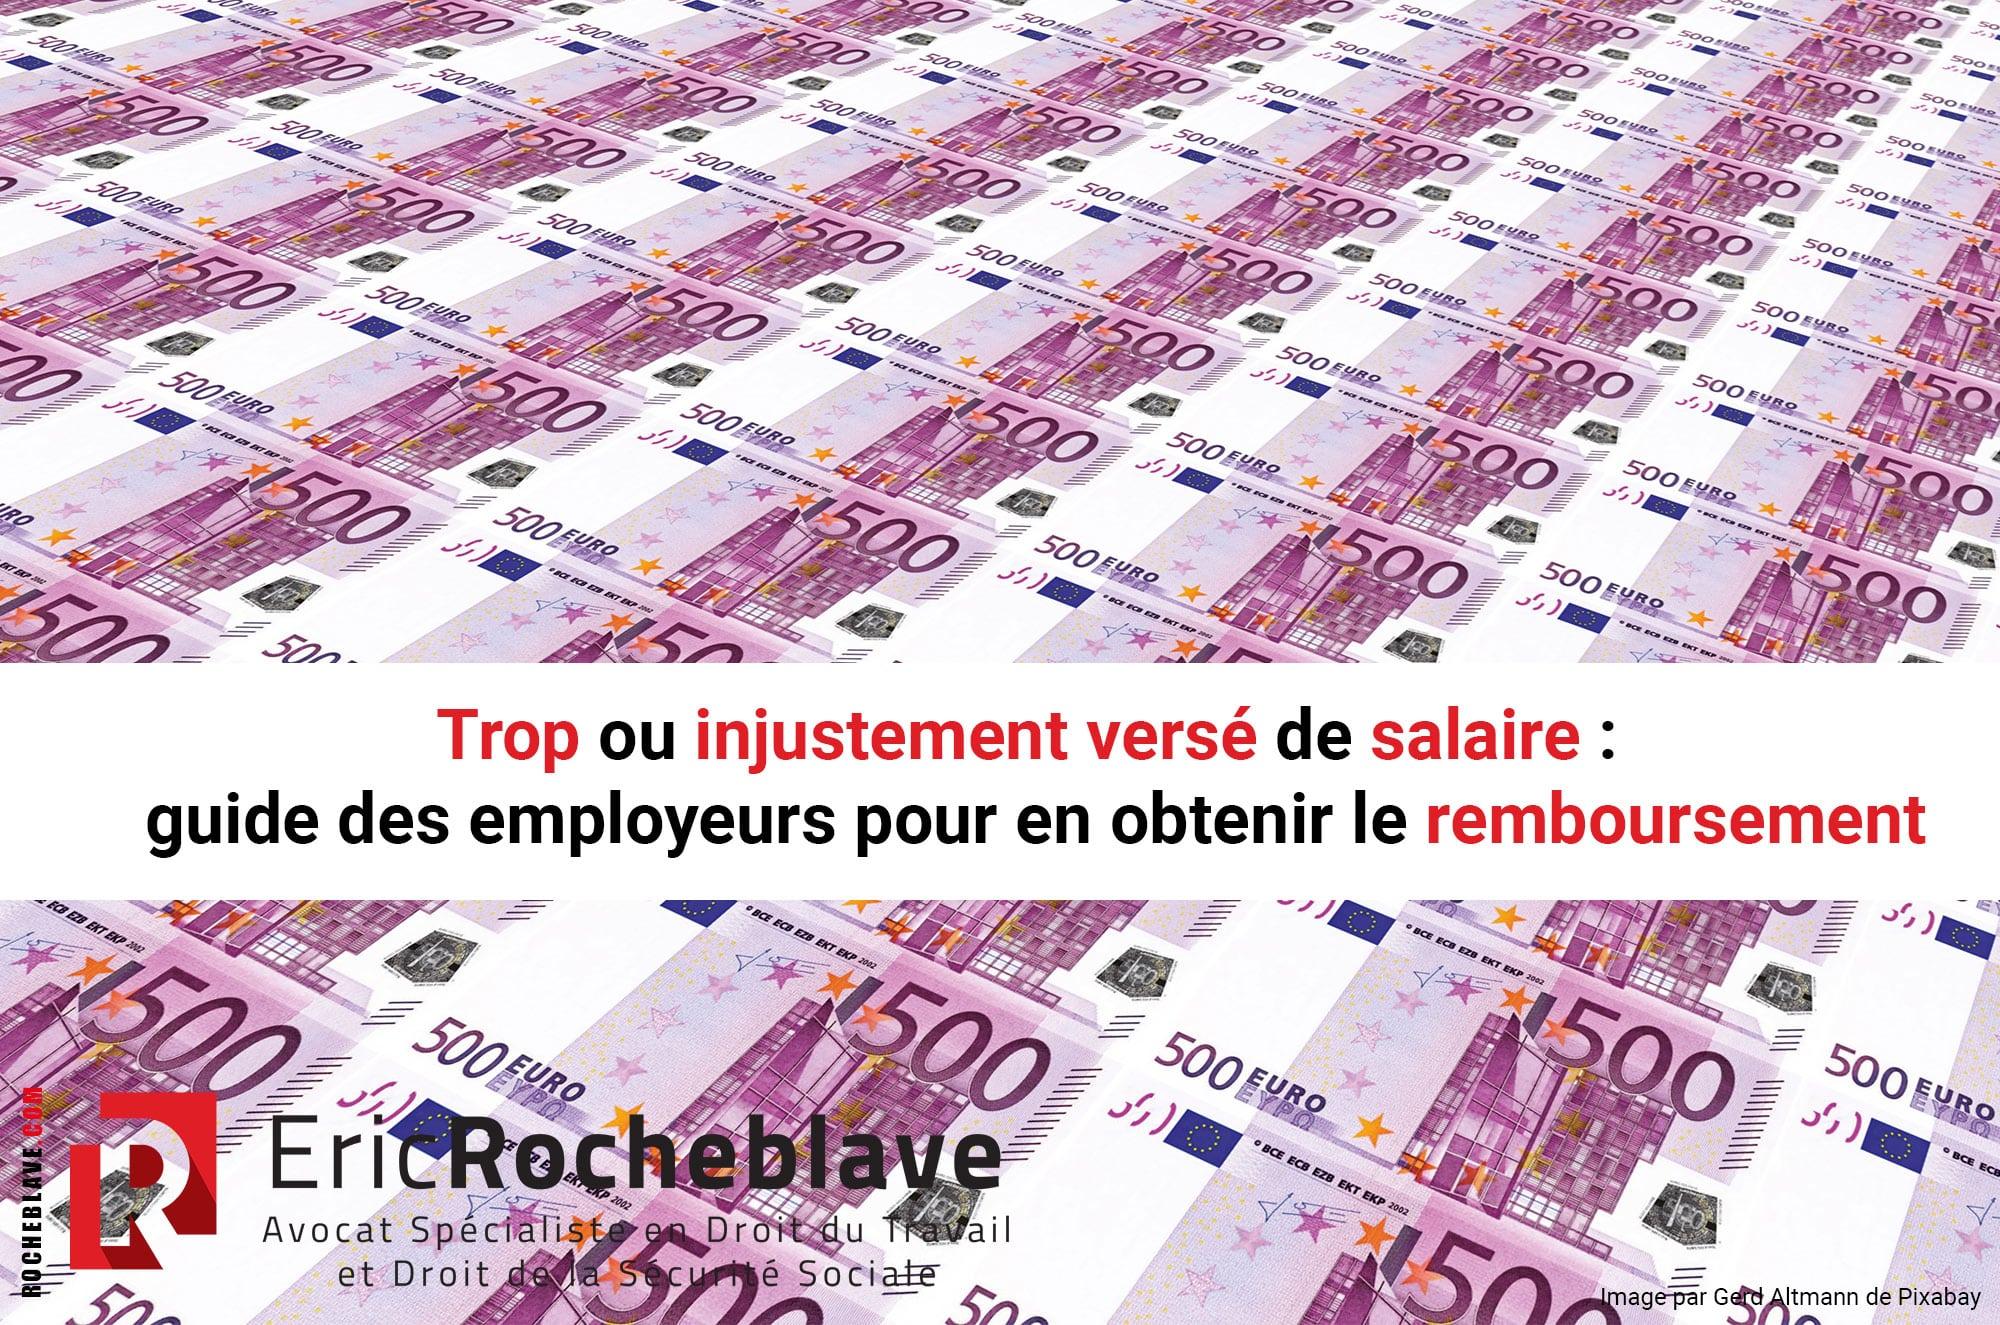 Trop ou injustement versé de salaire : guide des employeurs pour en obtenir le remboursement